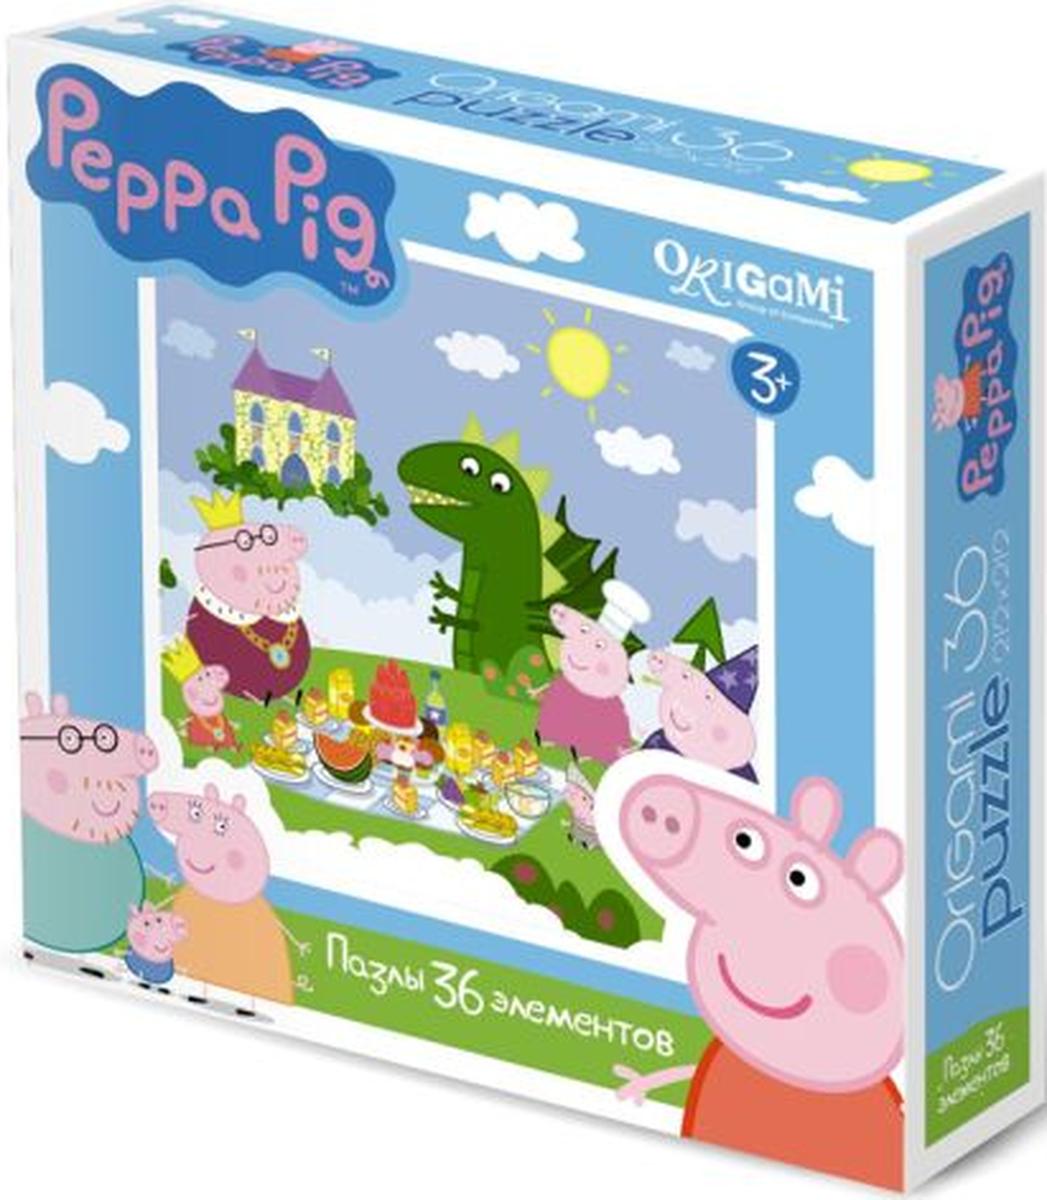 Оригами Пазл для малышей Peppa Pig 01549 пазл 4 в 1 peppa pig транспорт 01597